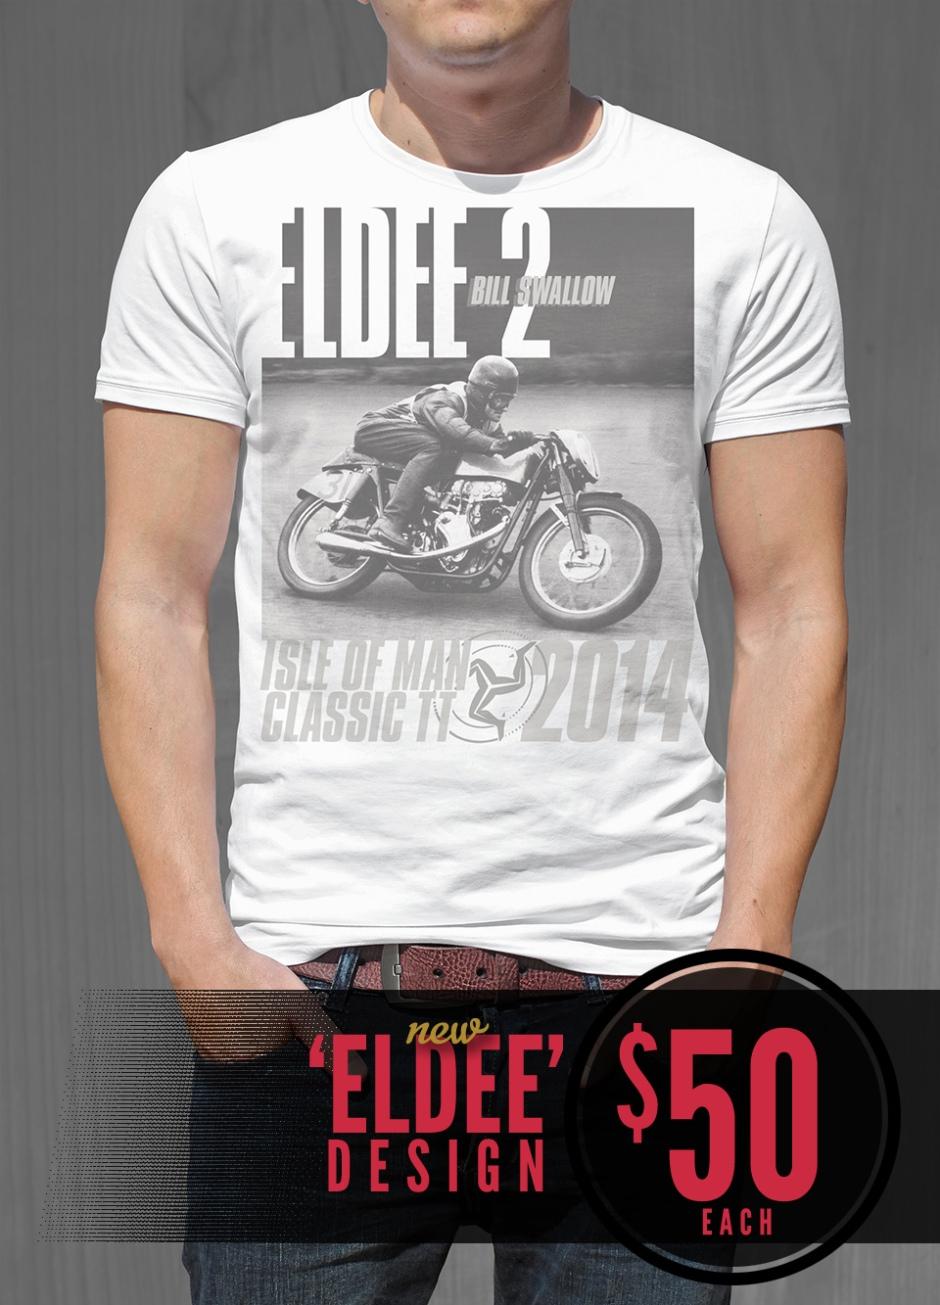 eldee velocette eldee 2 les diener racing design t shirt design front racing t shirt - Racing T Shirt Design Ideas